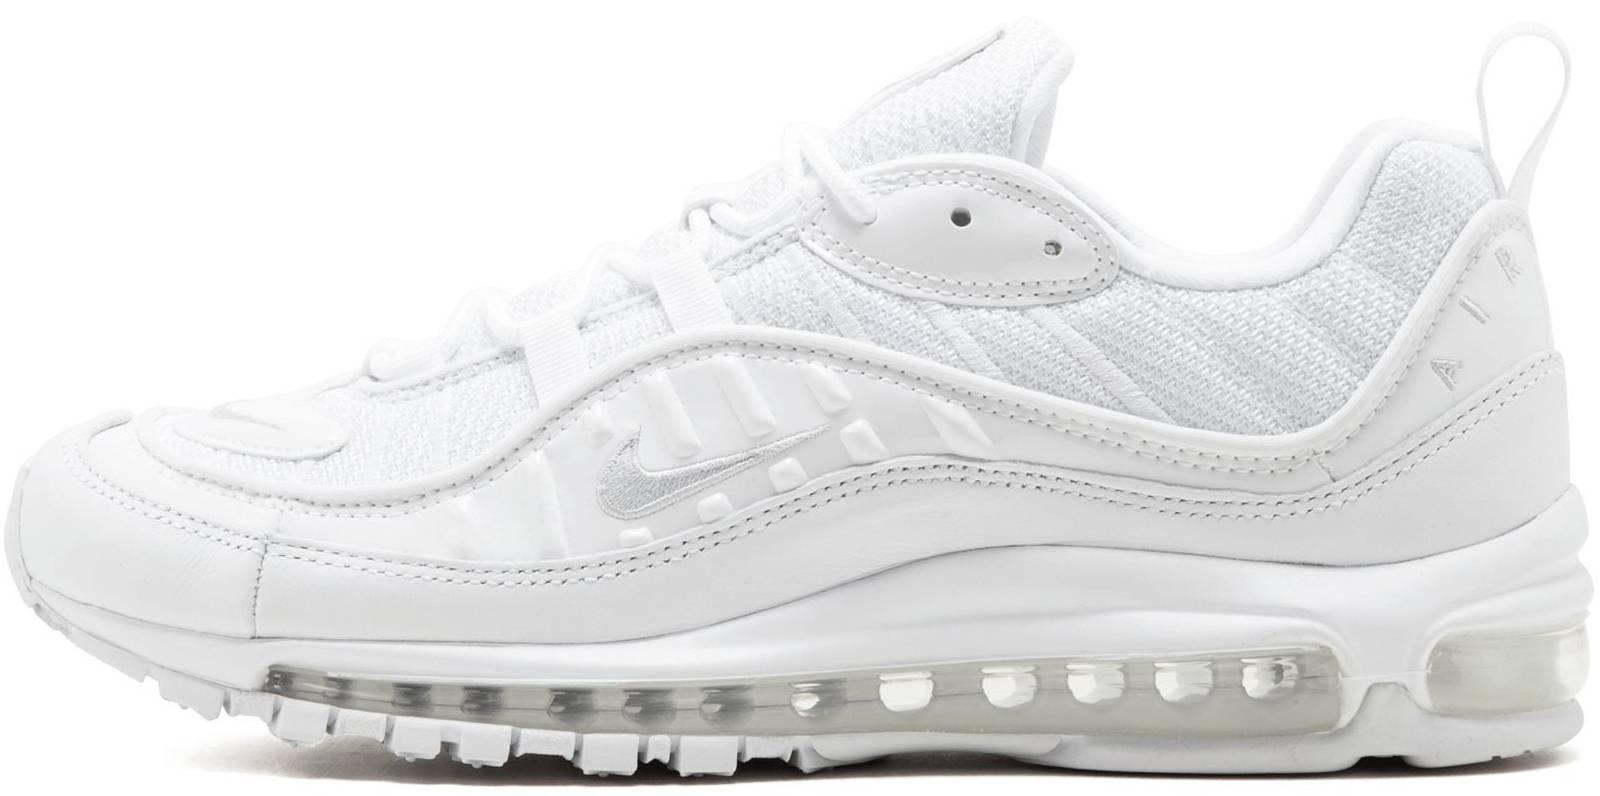 air max 98 white